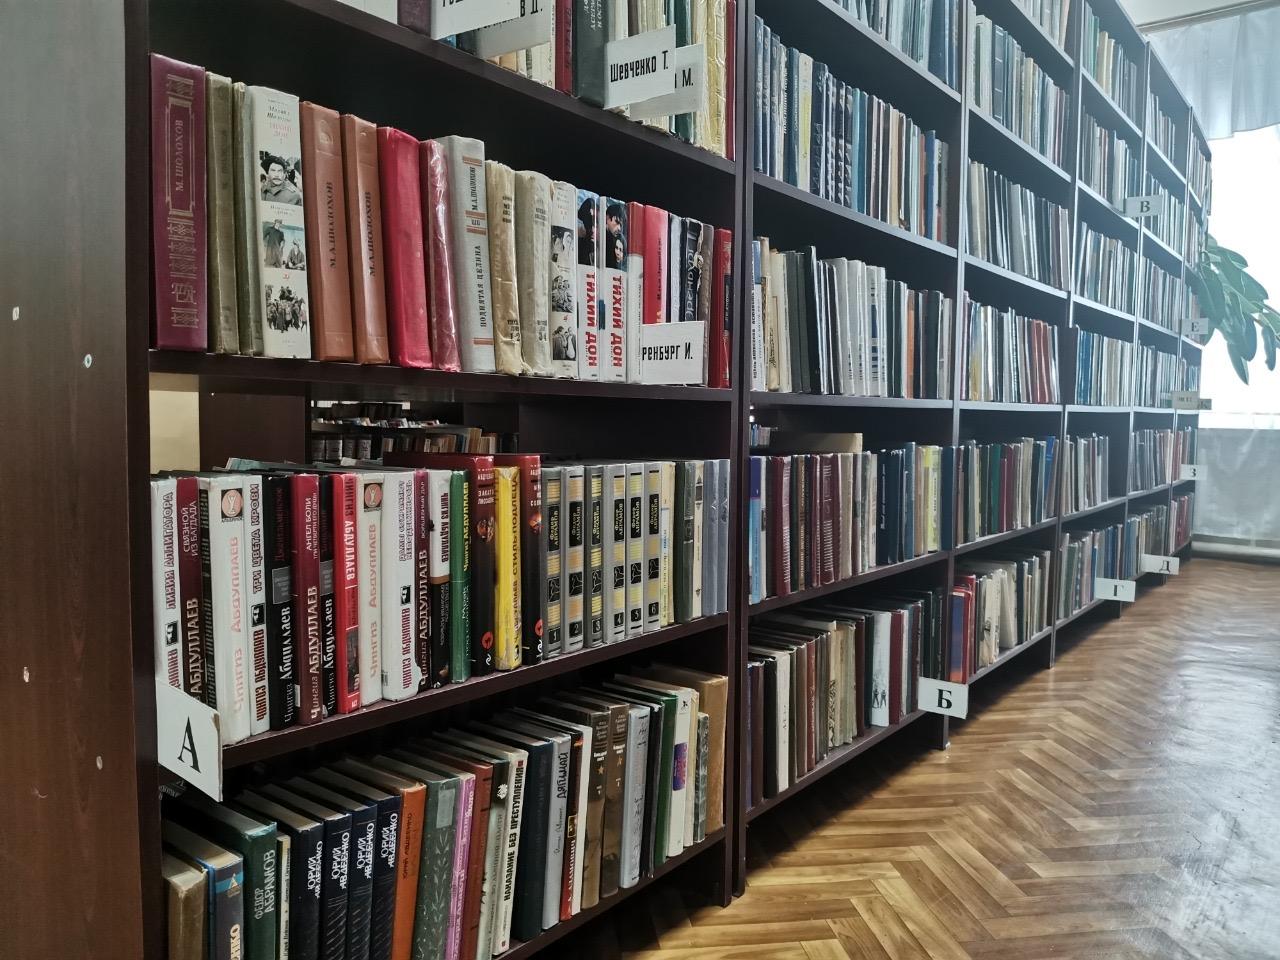 Интерактивное мероприятие подготовят в библиотеке Дома культуры «Юбилейный» в Роговском